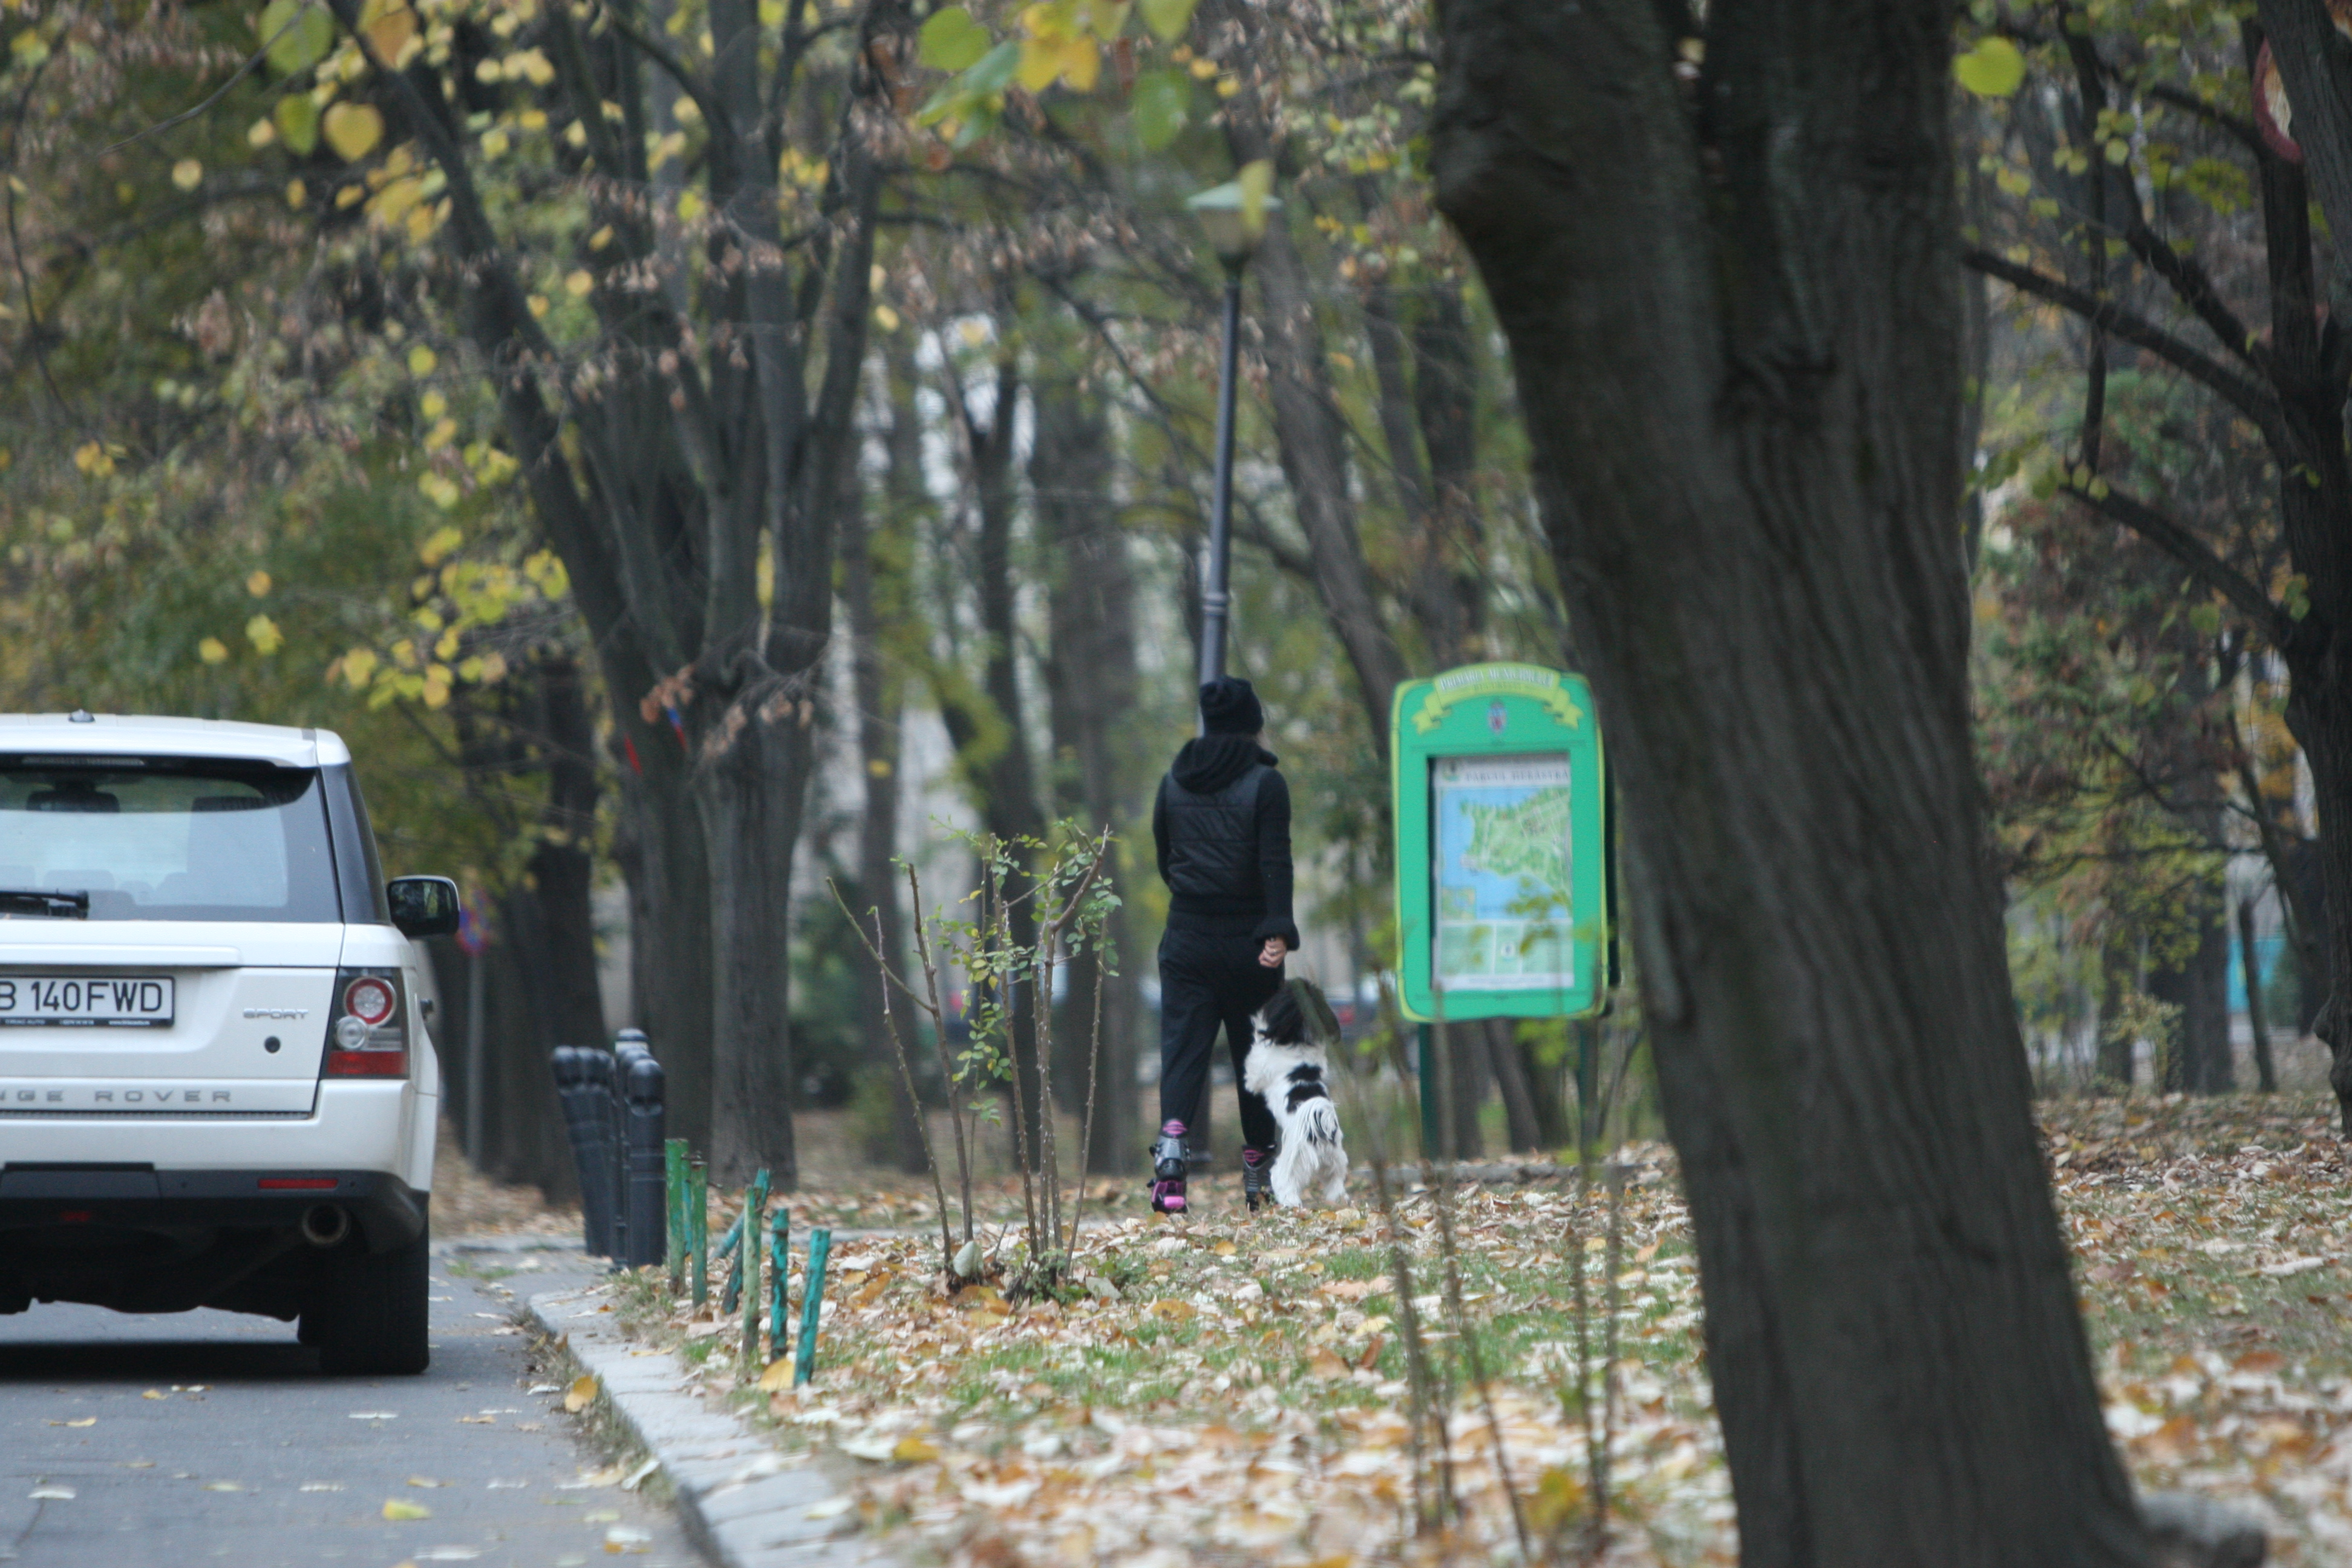 Tania Budi a luat-o pe jos pe aleile din parc, impreuna cu catelusul ei, care avea chef de joaca